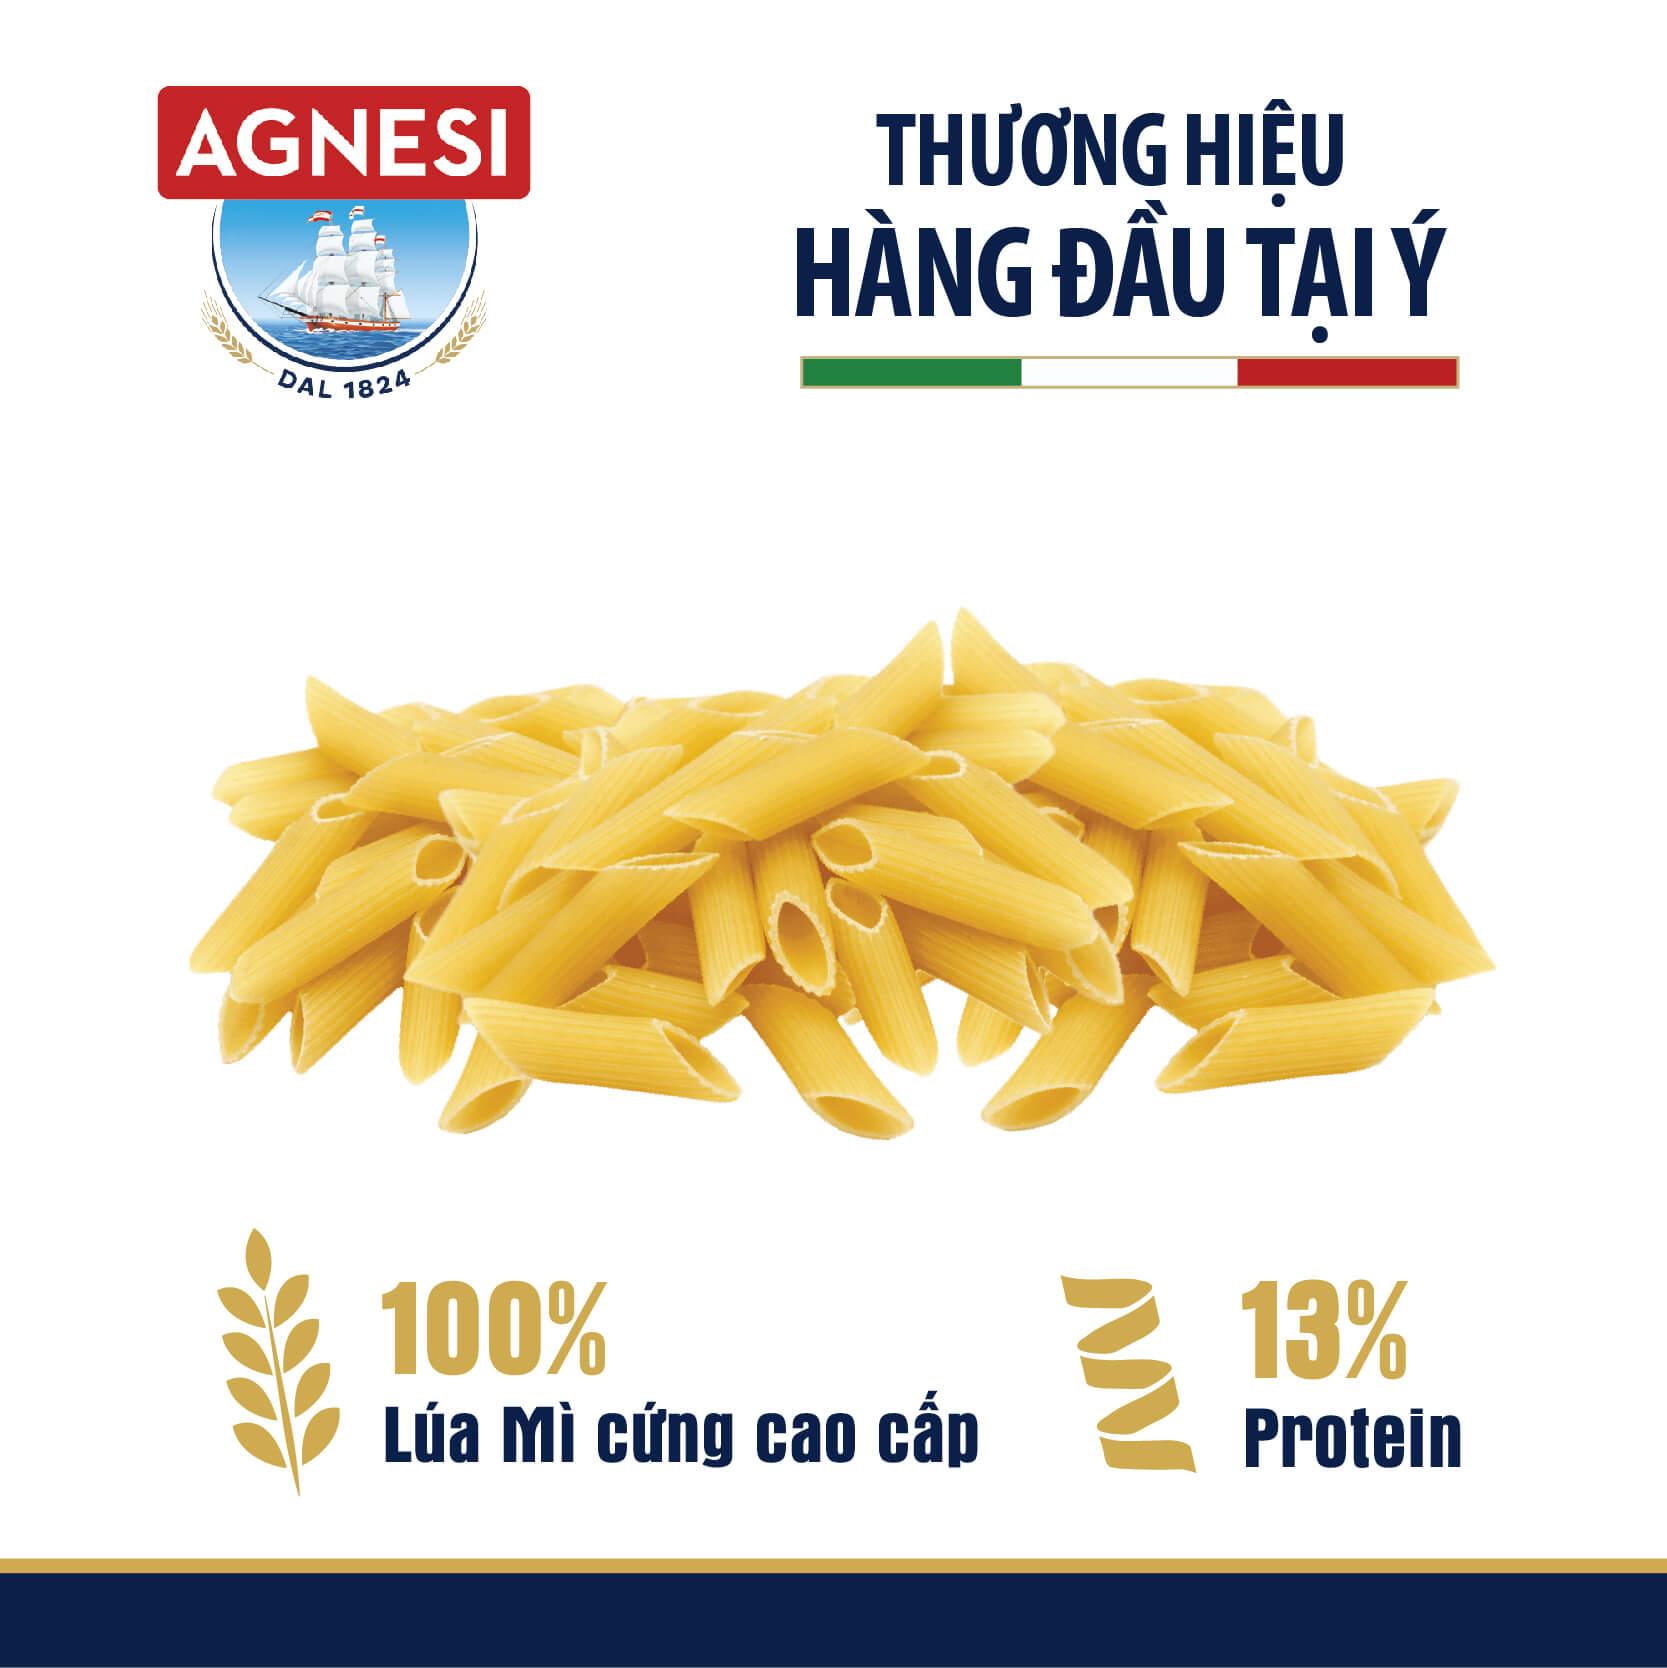 Nui ống Penne Rigate N.19 Agnesi 500g, làm từ lúa mì cứng cao cấp Semolina, luộc 10 phút, nhập khẩu Ý